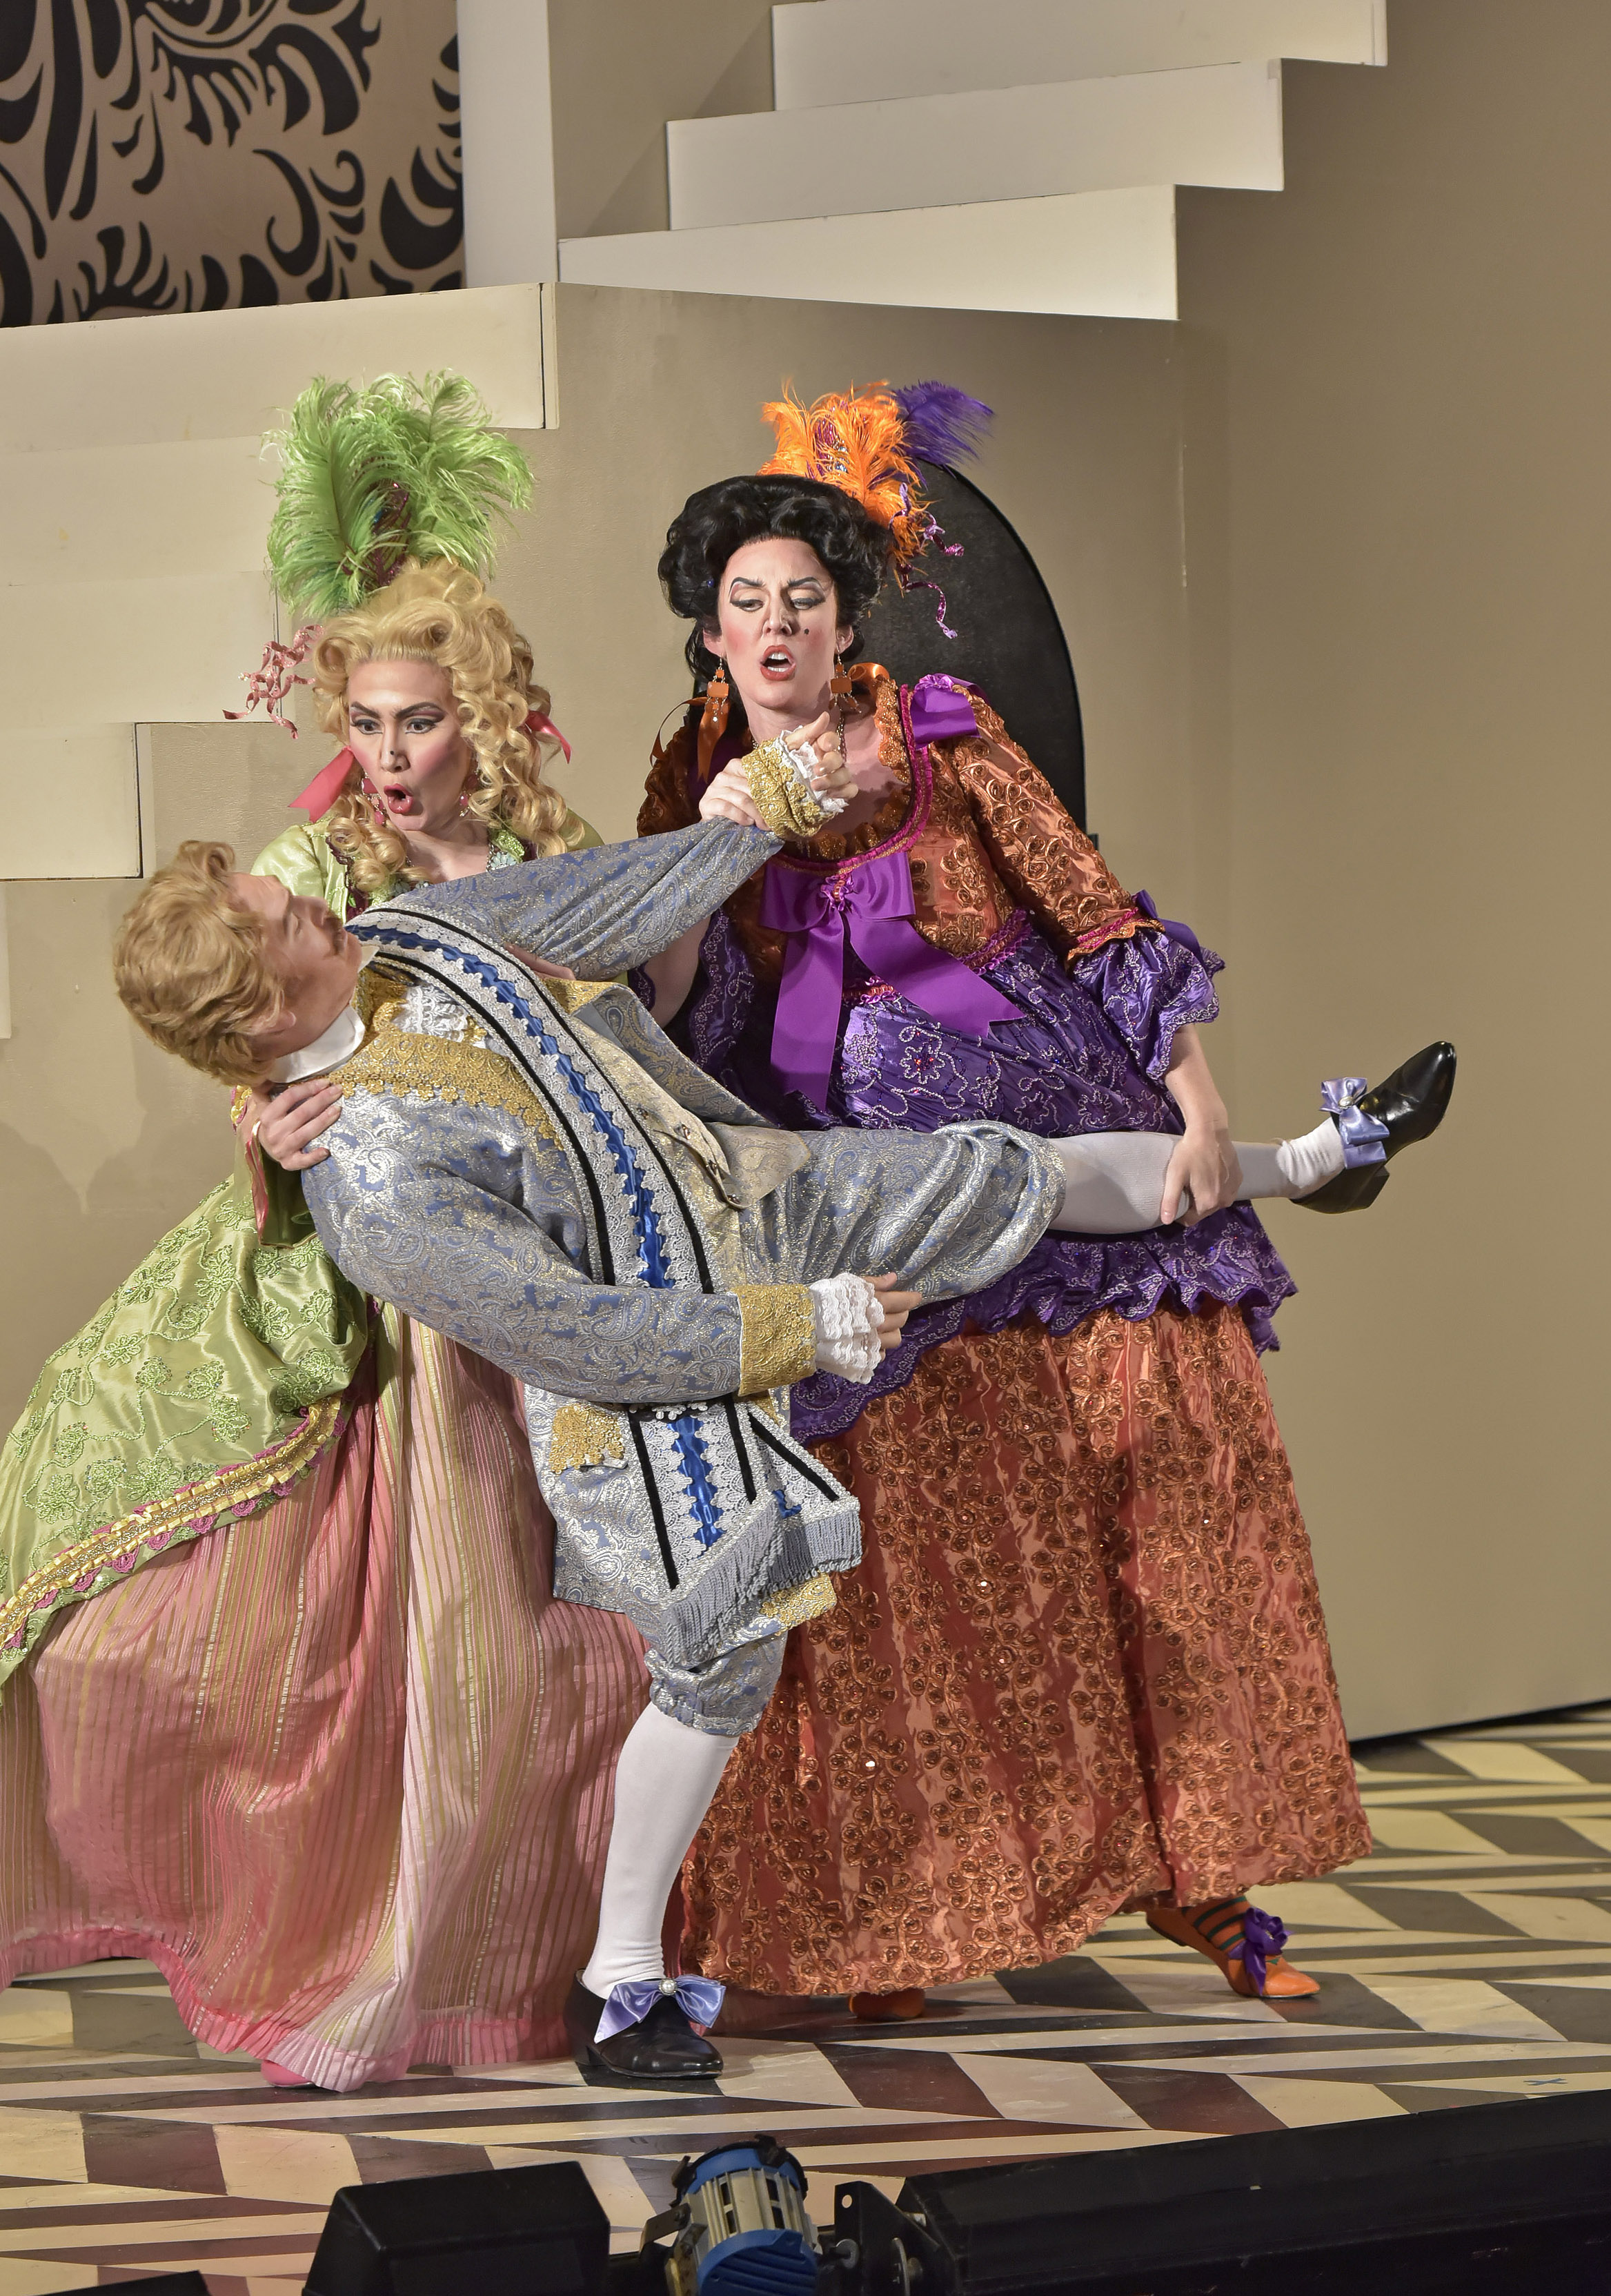 Opera_Saratoga_GG62592.jpg